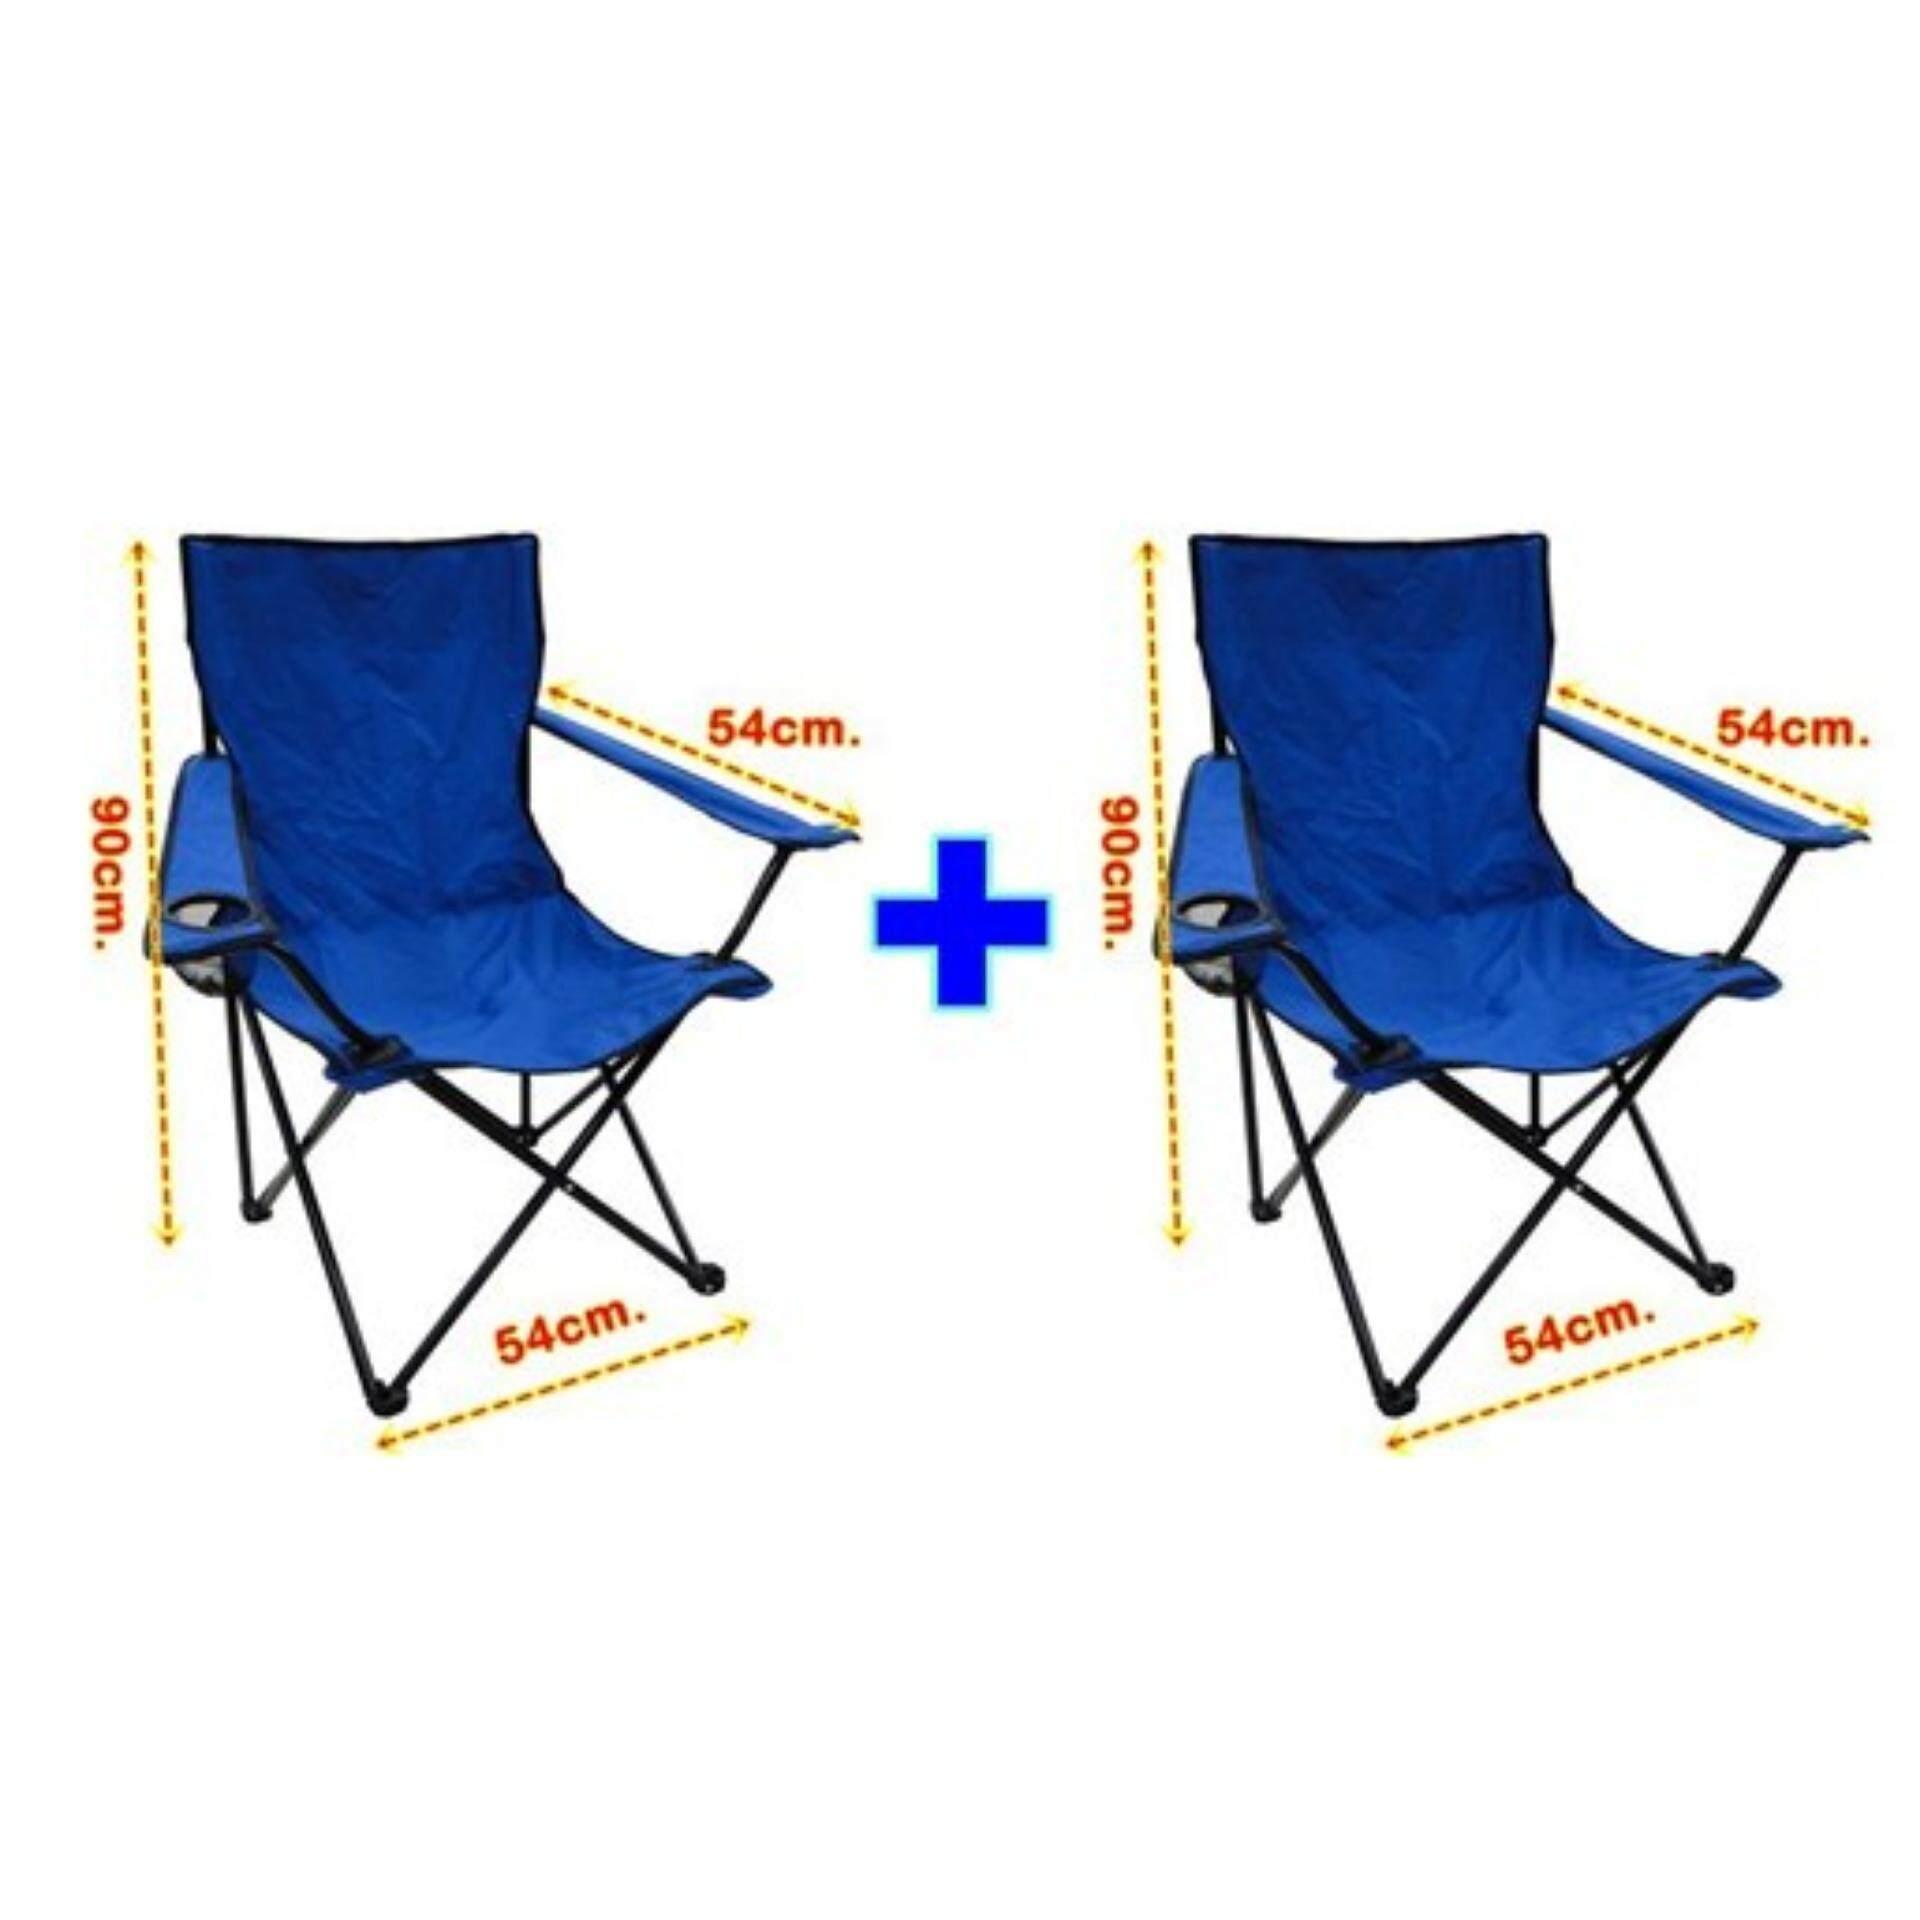 Jade เก้าอี้สนาม แบบพกพา พับได้ (แพ็ค2 ตัว) รุ่น Jd-1001e.